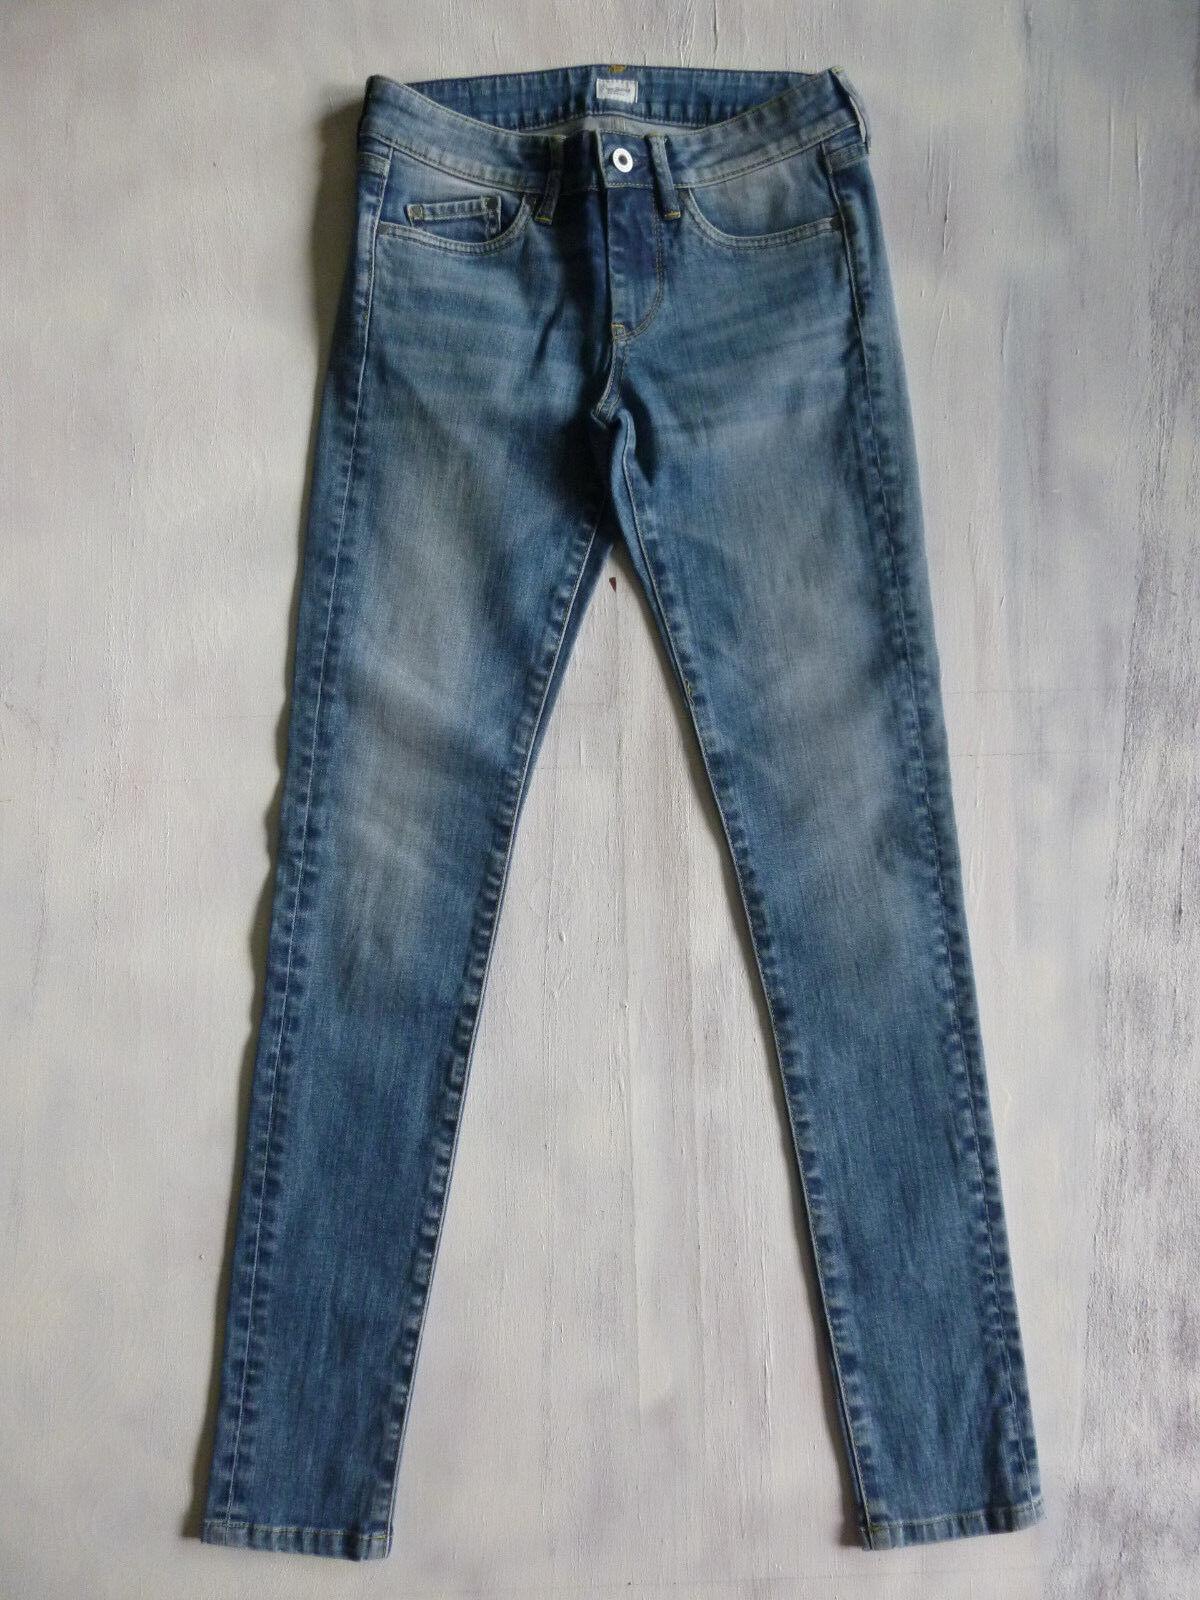 Pepe London PIXIE GA6 Super Skinny mid Jeans Hose blau Gr XS 34 W26-W27 L32 Neu | Neuheit  | Wirtschaft  | Ermäßigung  | Leicht zu reinigende Oberfläche  | Verpackungsvielfalt